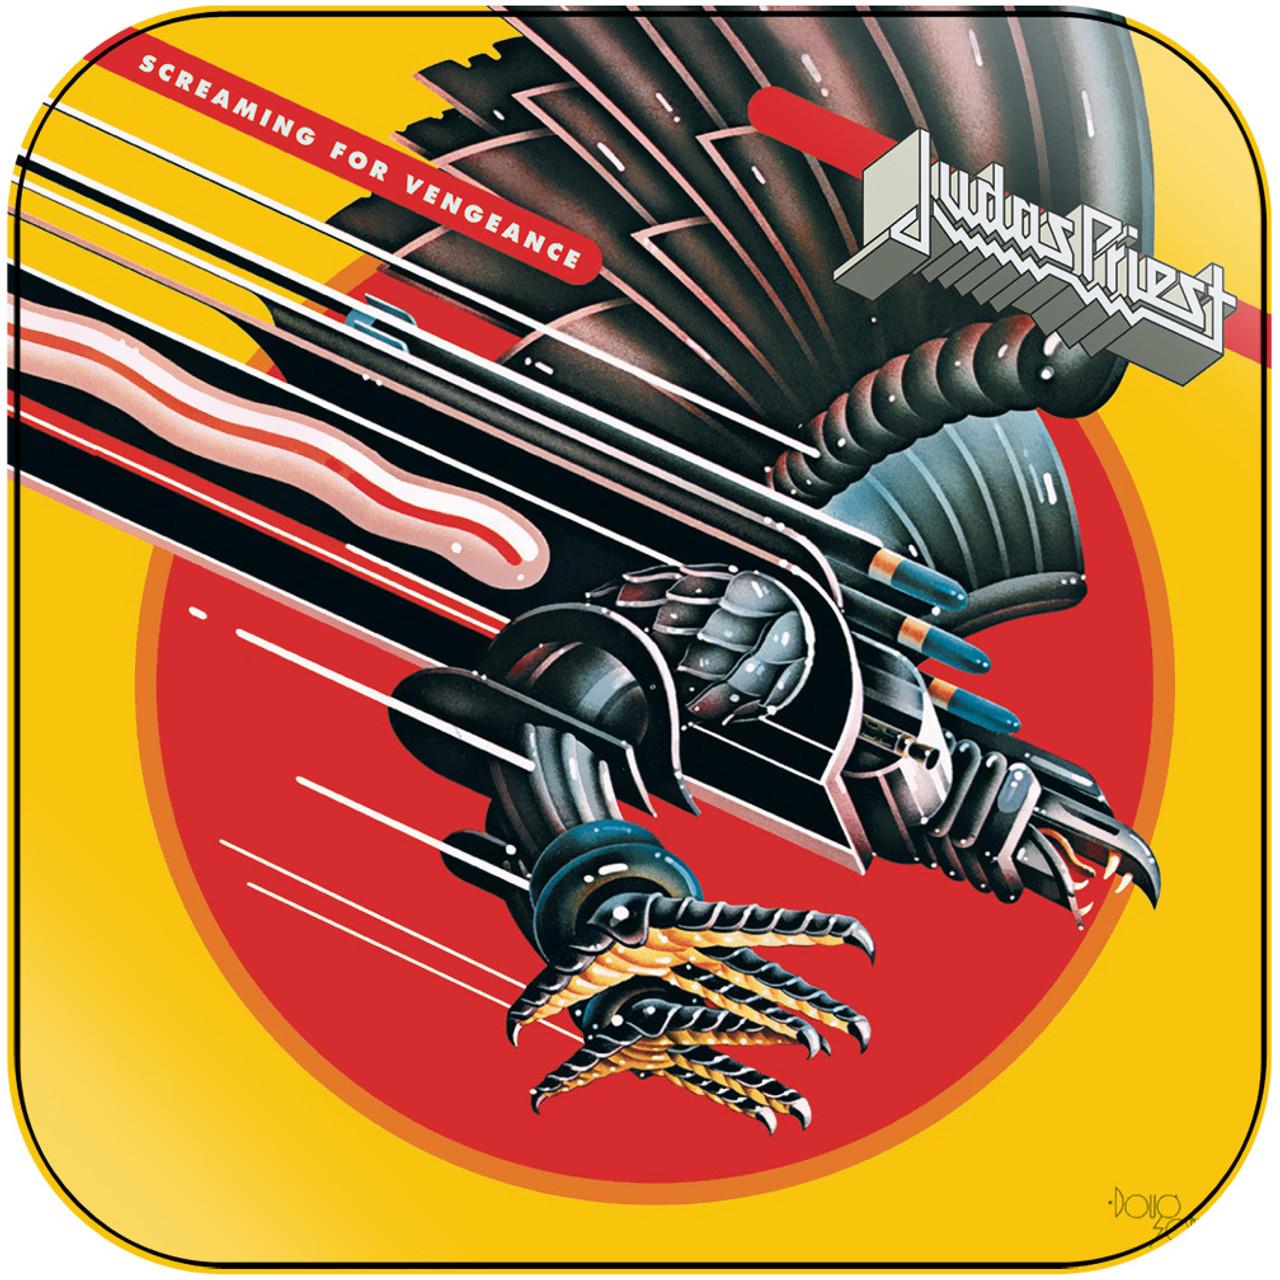 Judas Priest Screaming For Vengeance-2 Album Cover Sticker